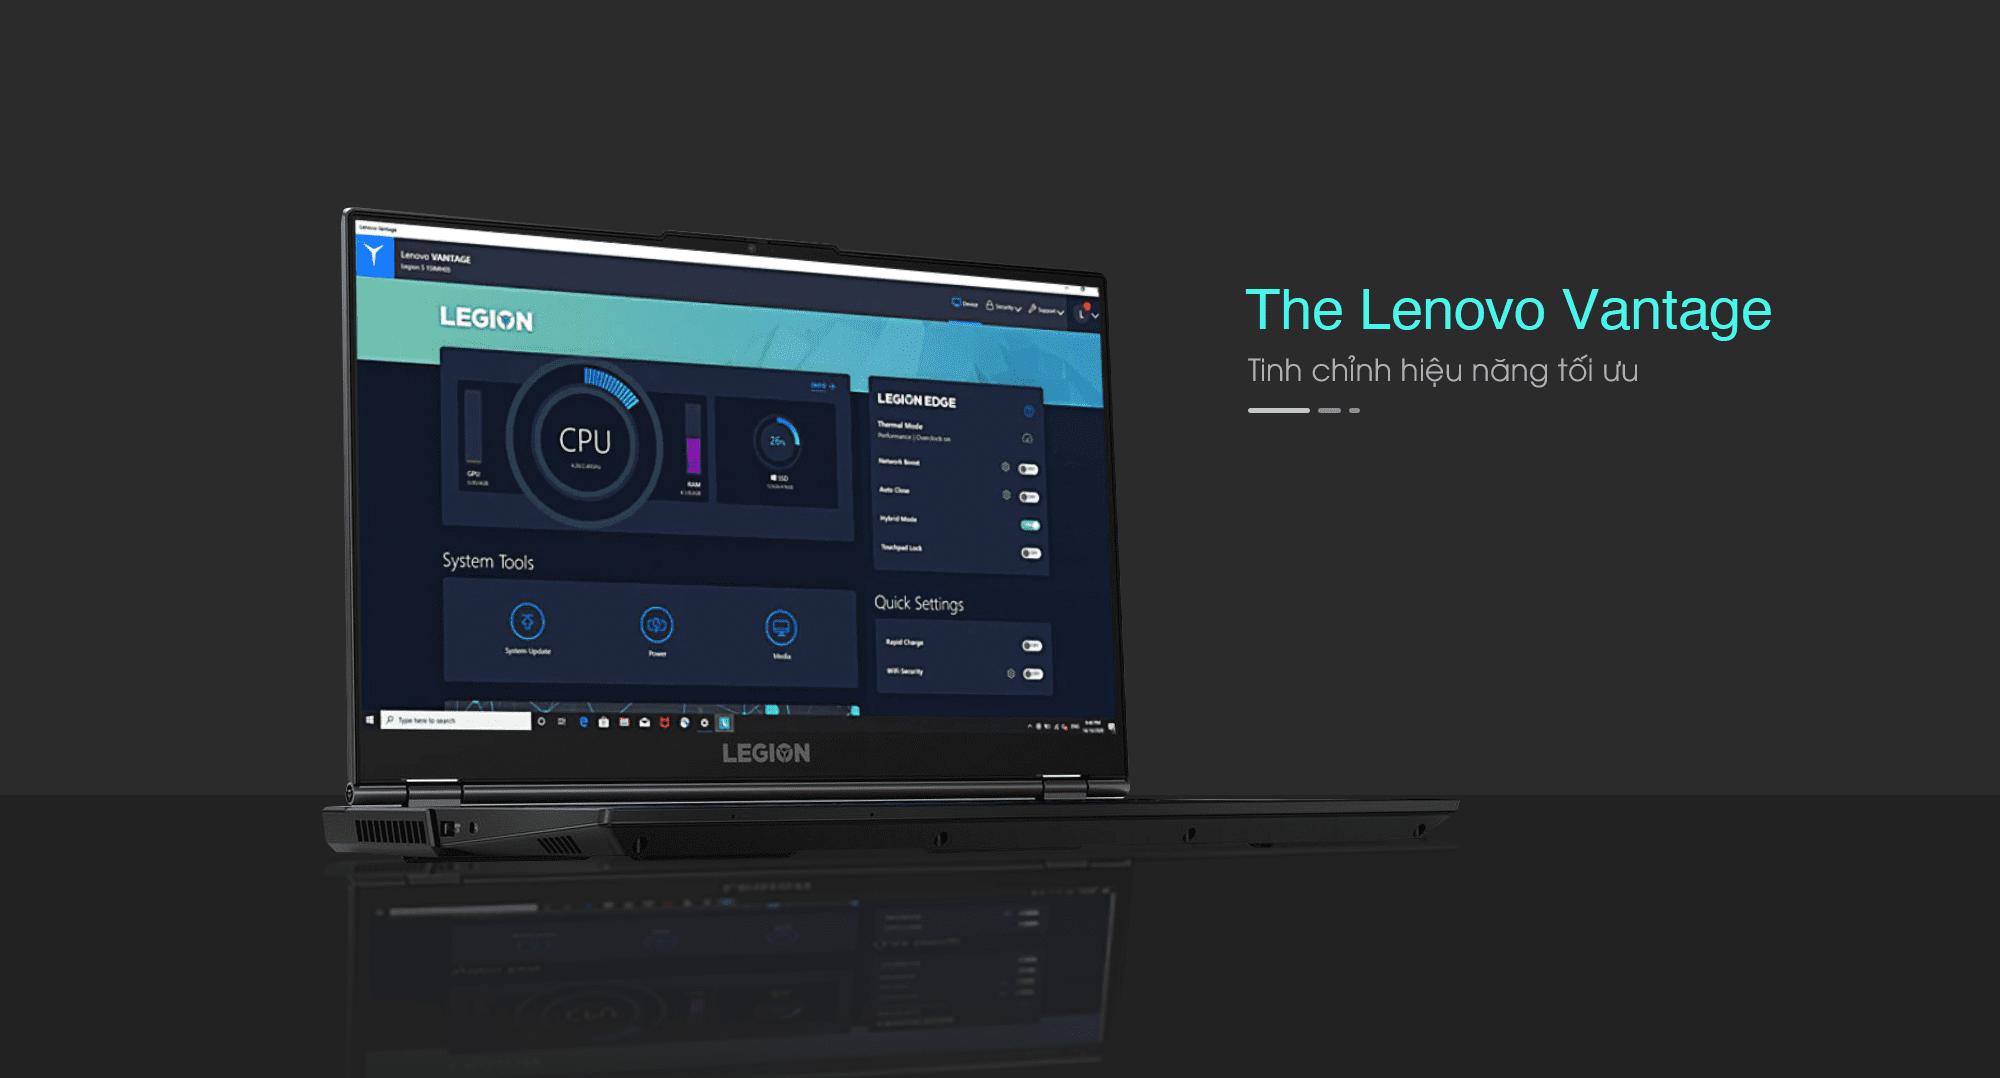 Lenovo Legion 5 15IMH05: Hiệu năng chơi game tối ưu cùng Lenovo Vantage